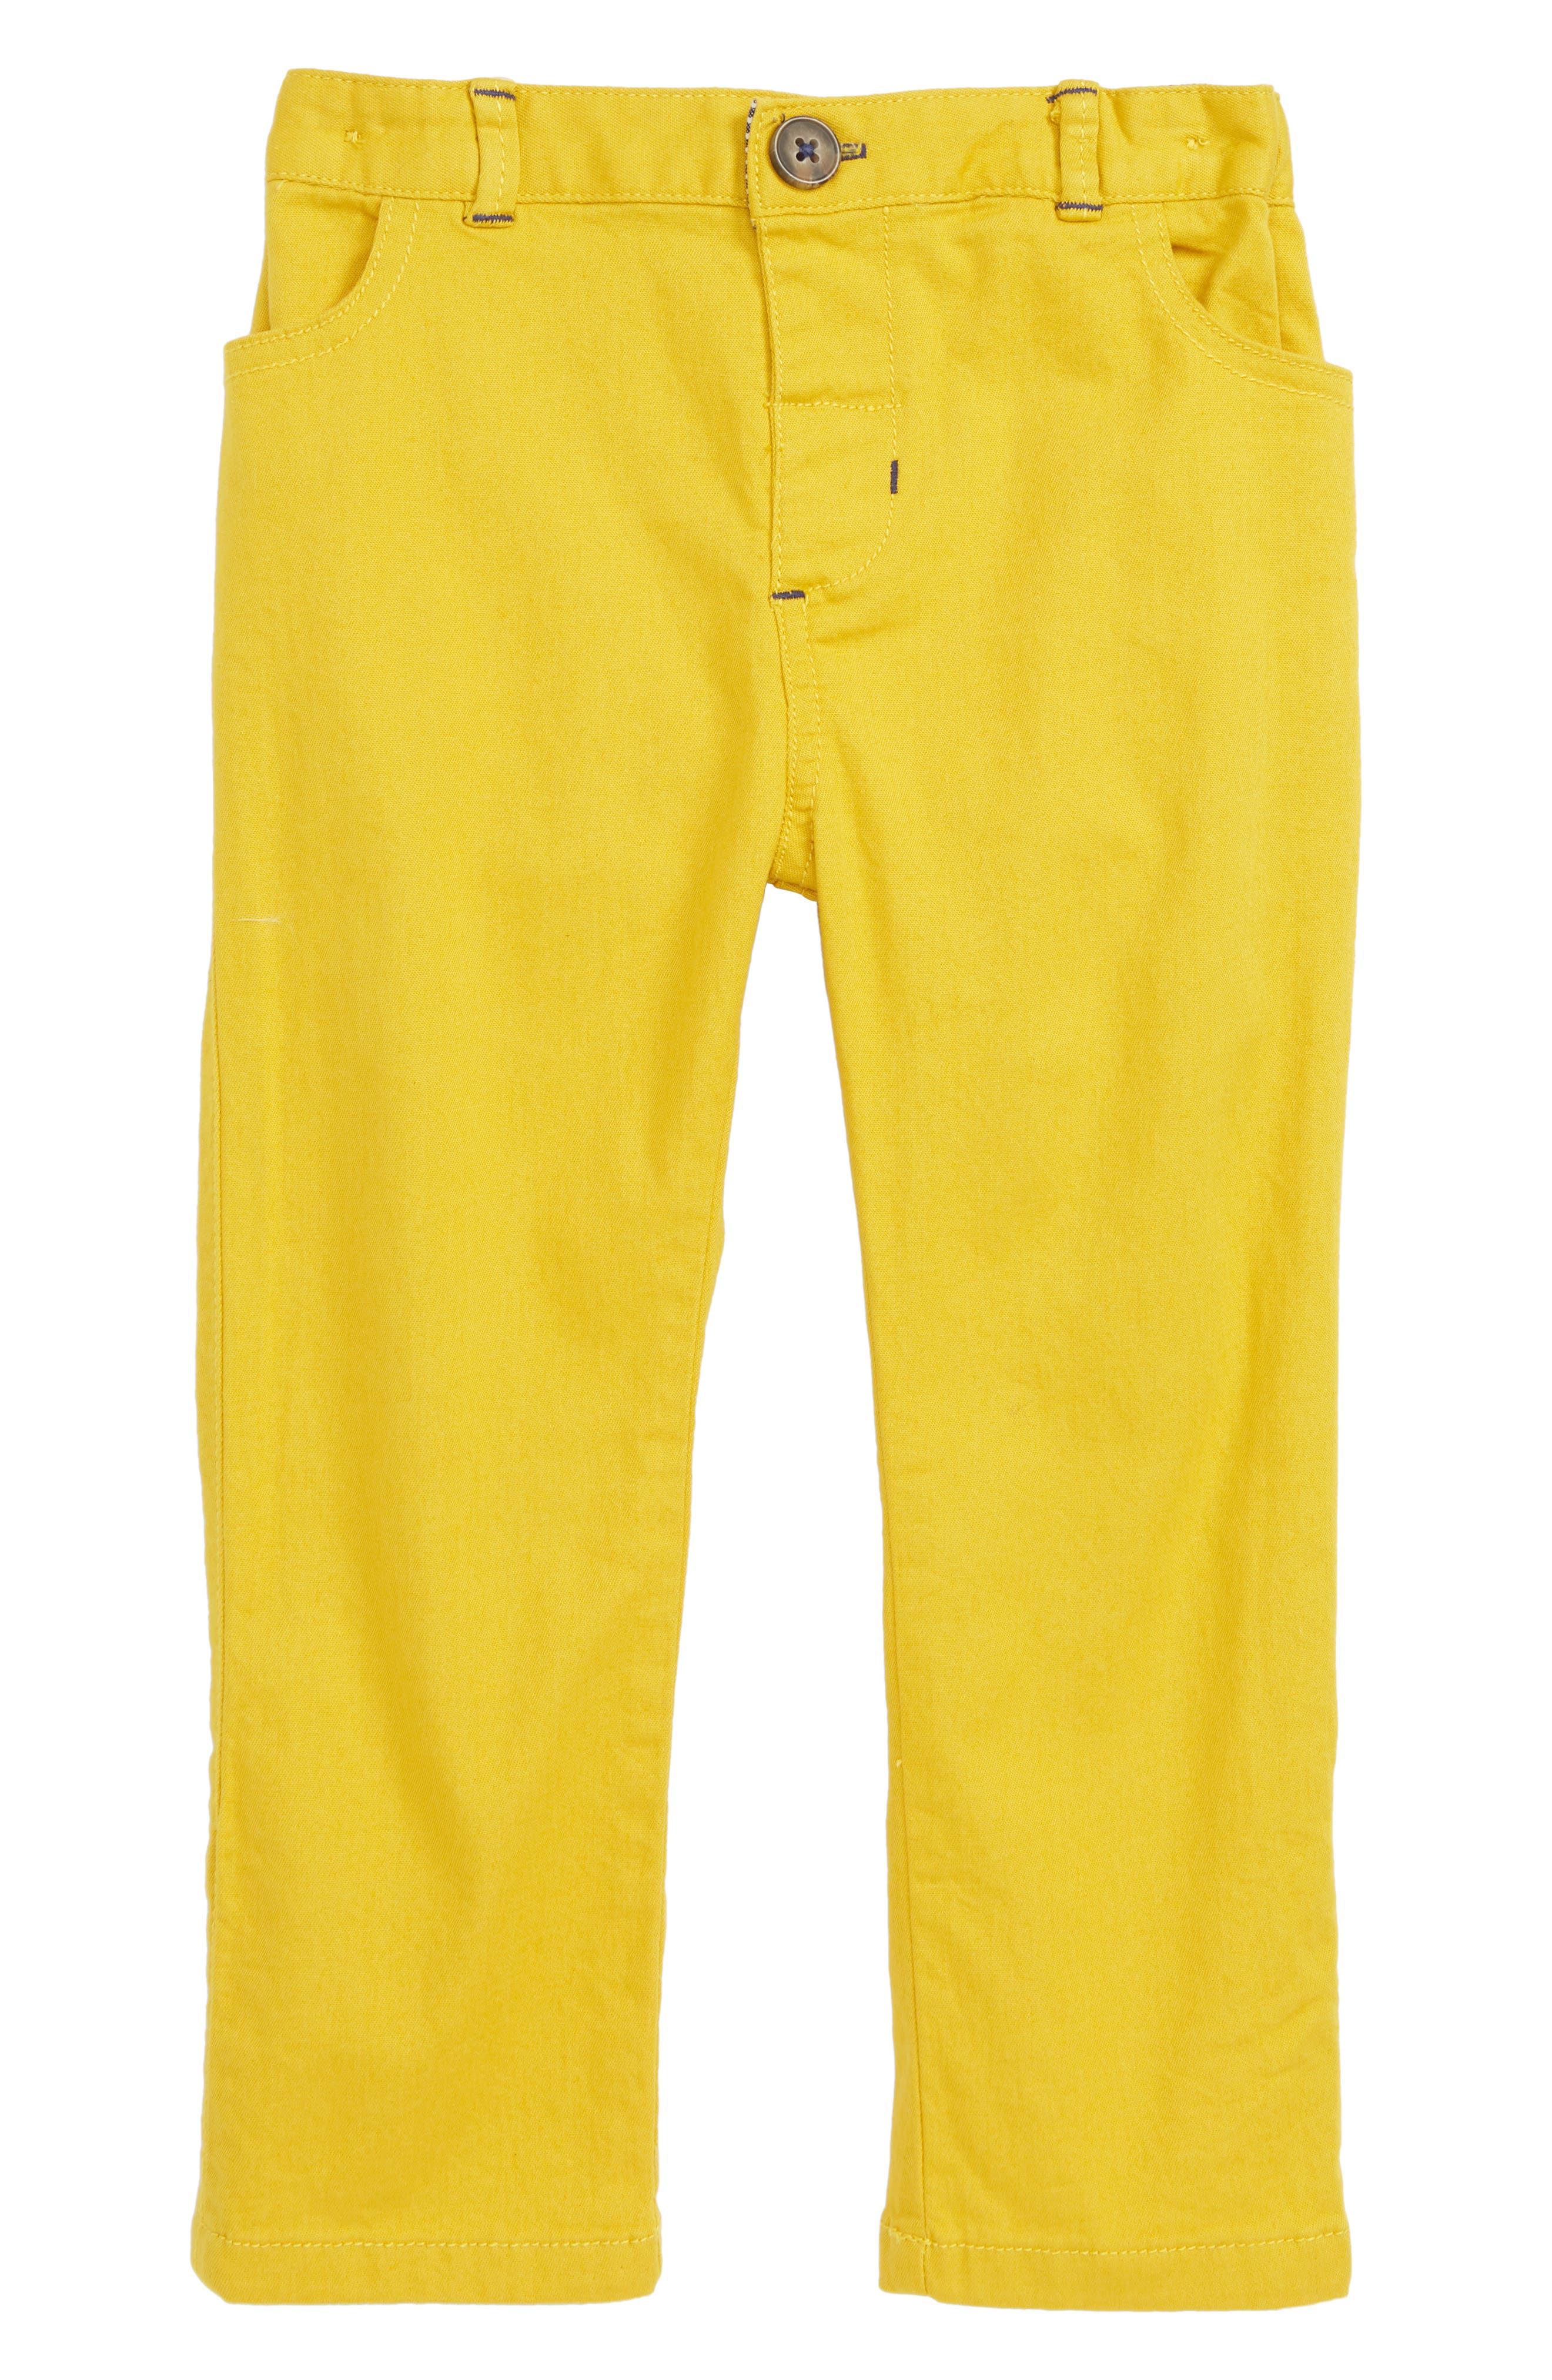 Colorful Chino Pants,                             Main thumbnail 1, color,                             YEL HONEYCOMB YELLOW